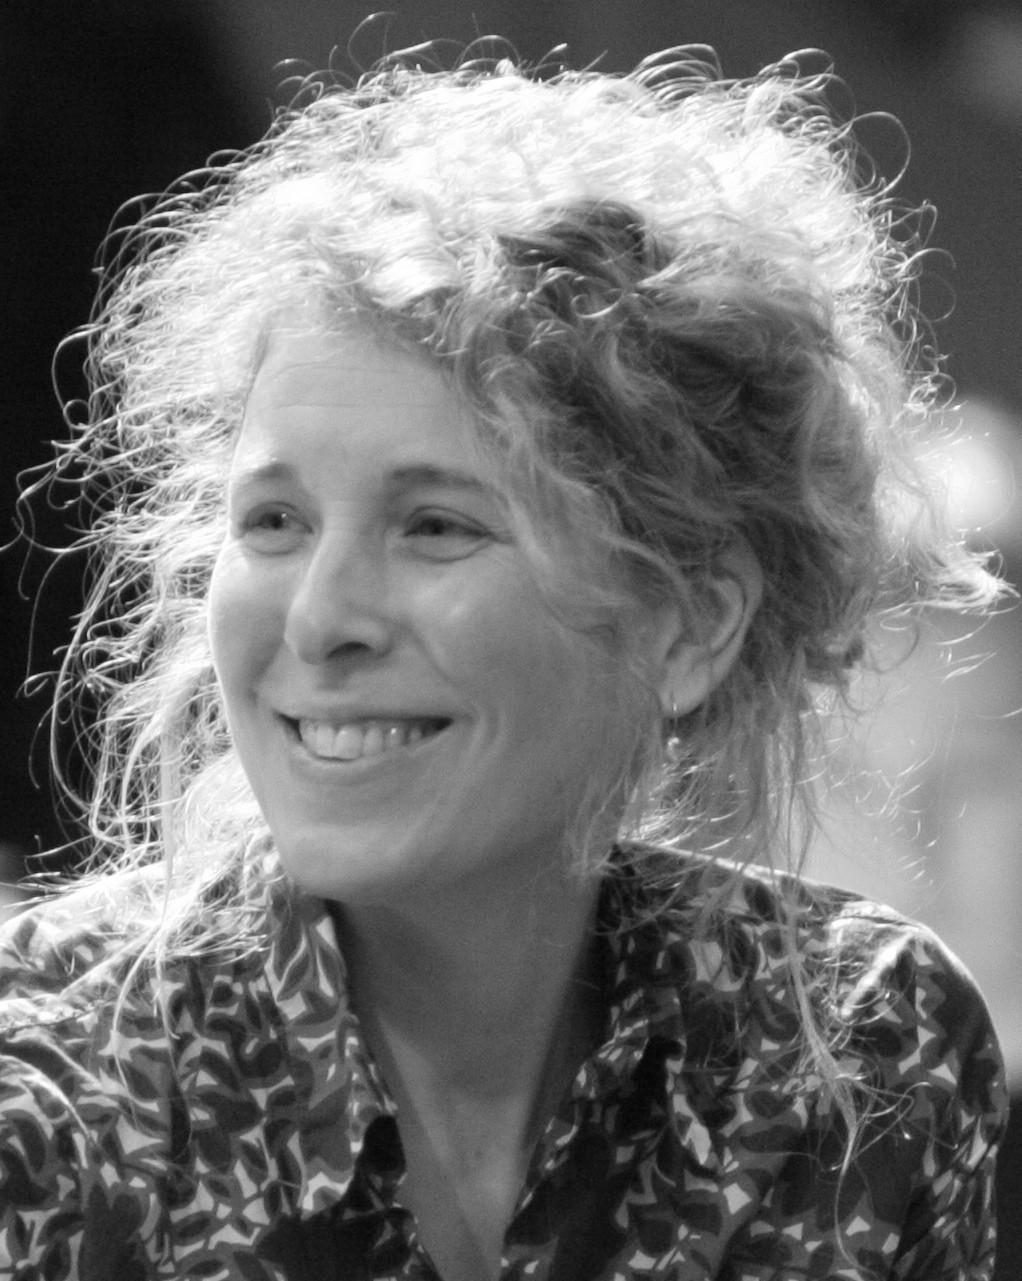 Leah Hausman